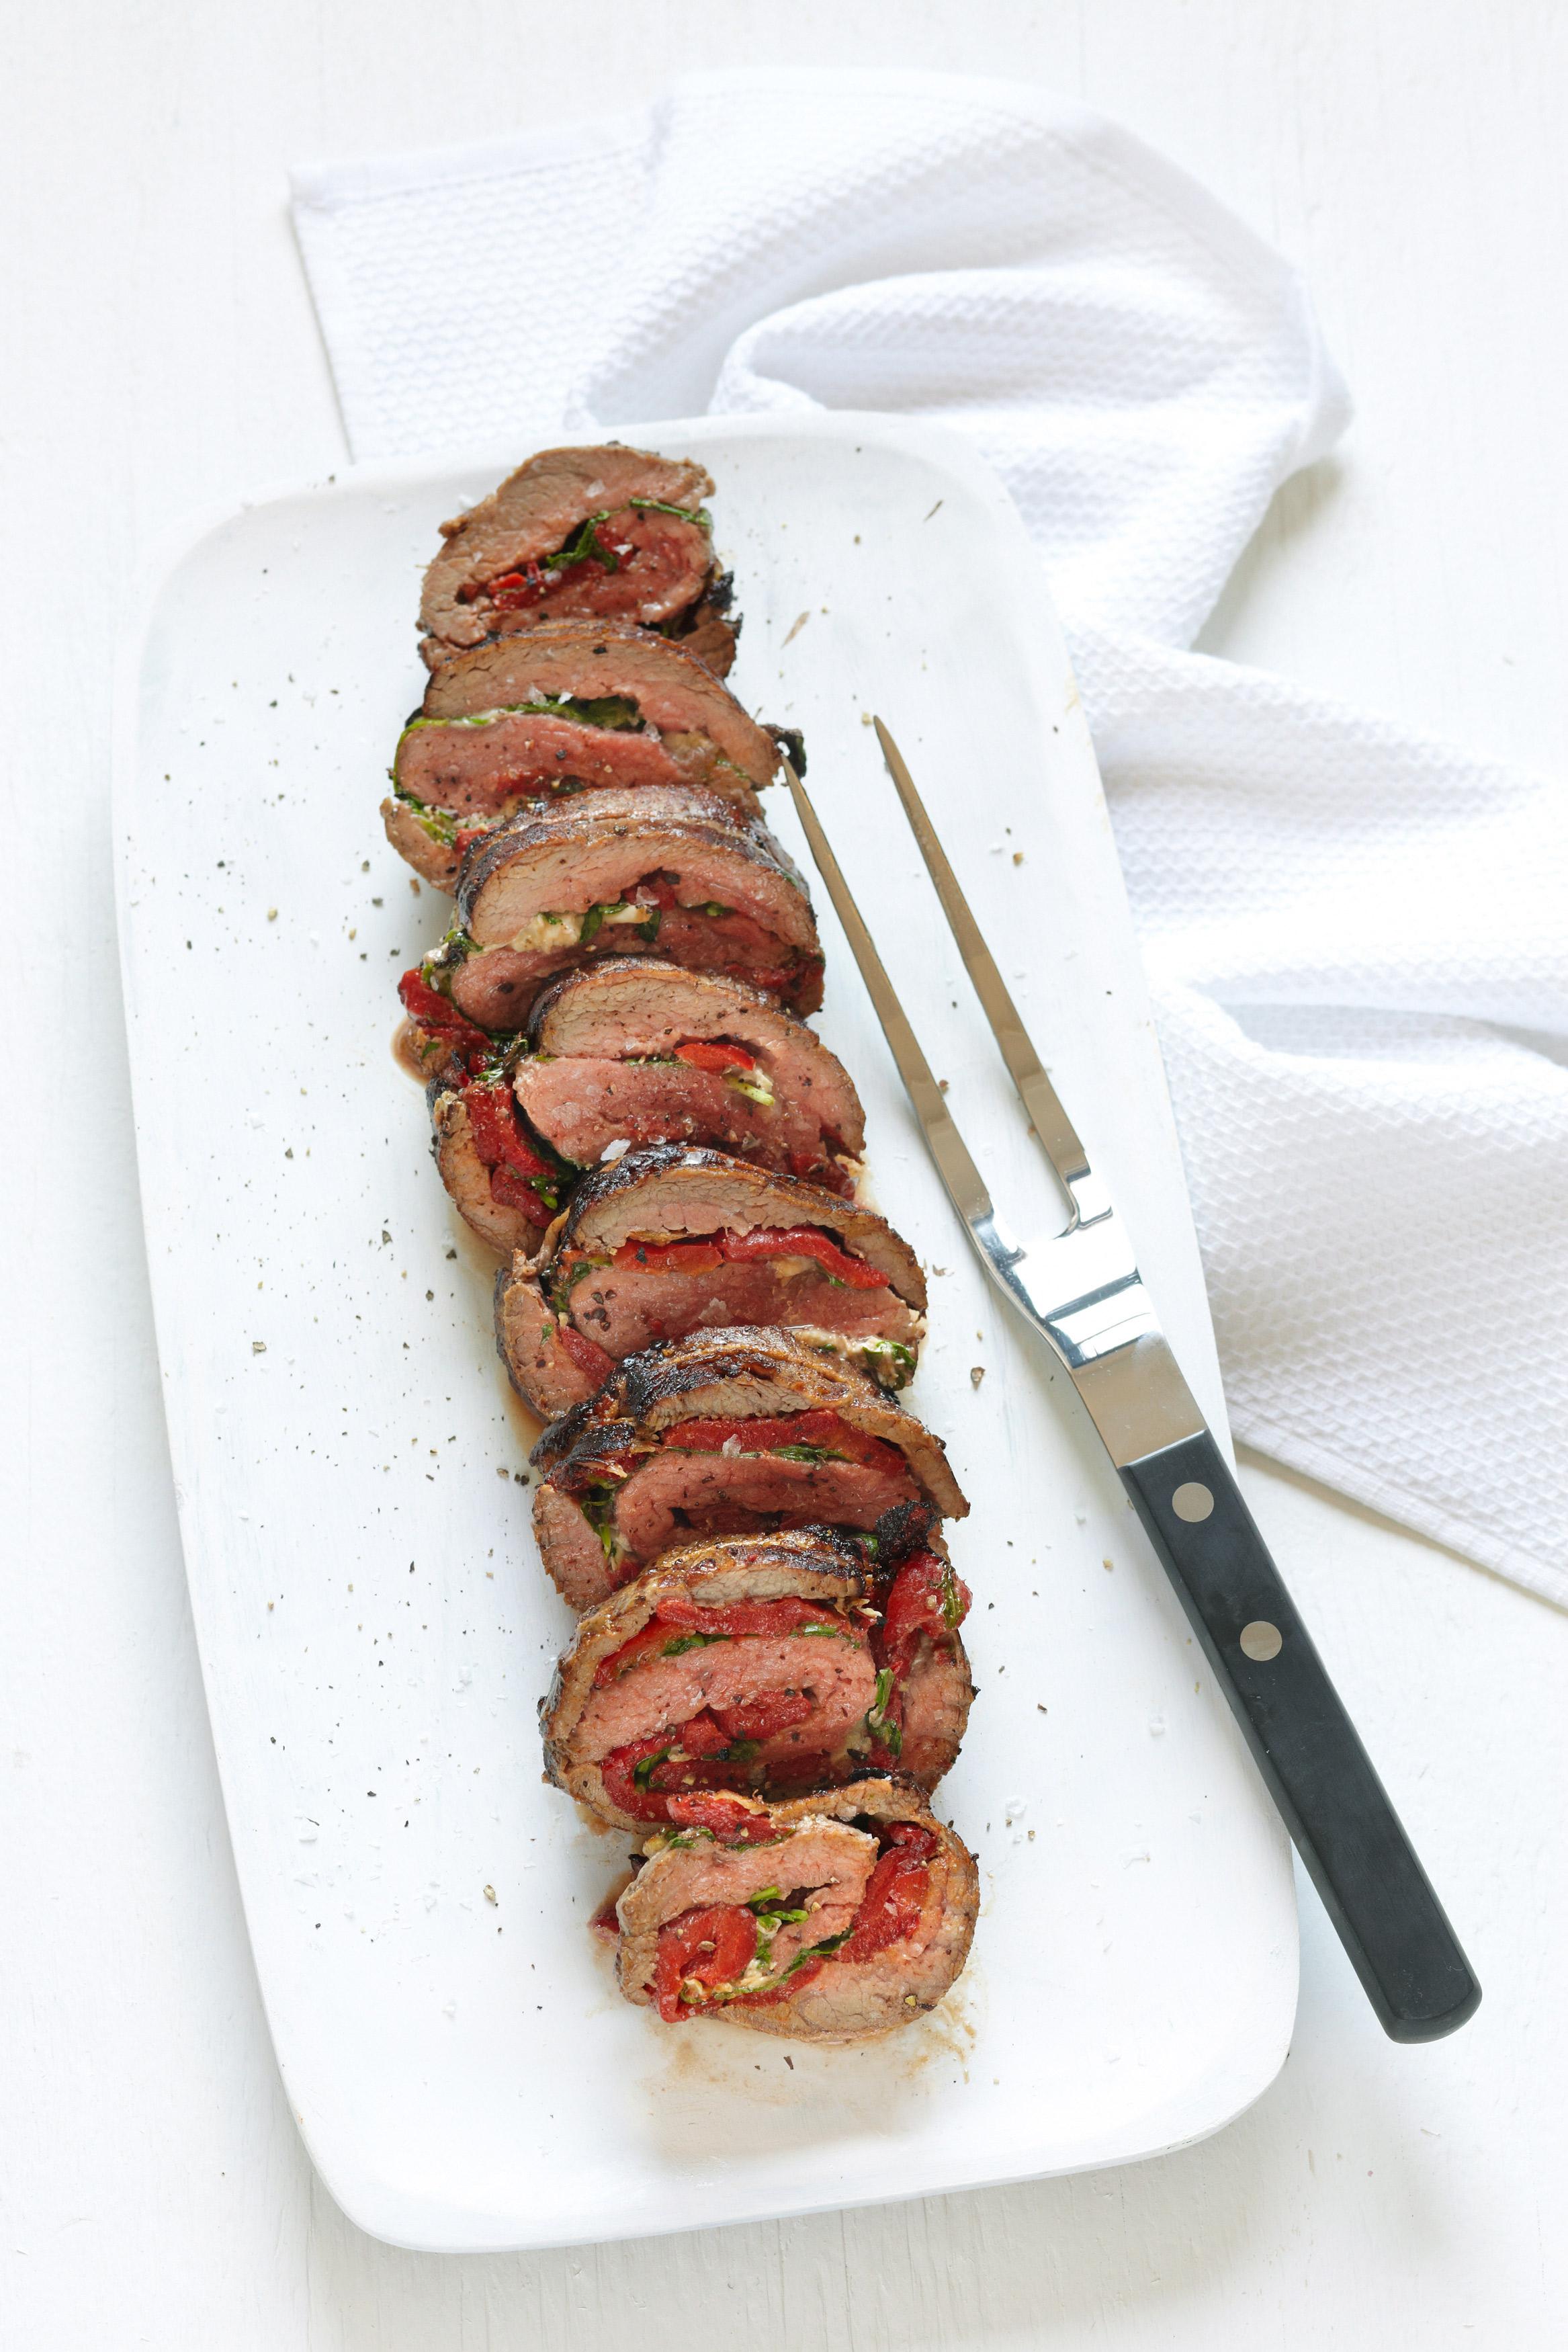 Recipe: Gorgonzola-Stuffed Steak Roll-Ups | Kitchn